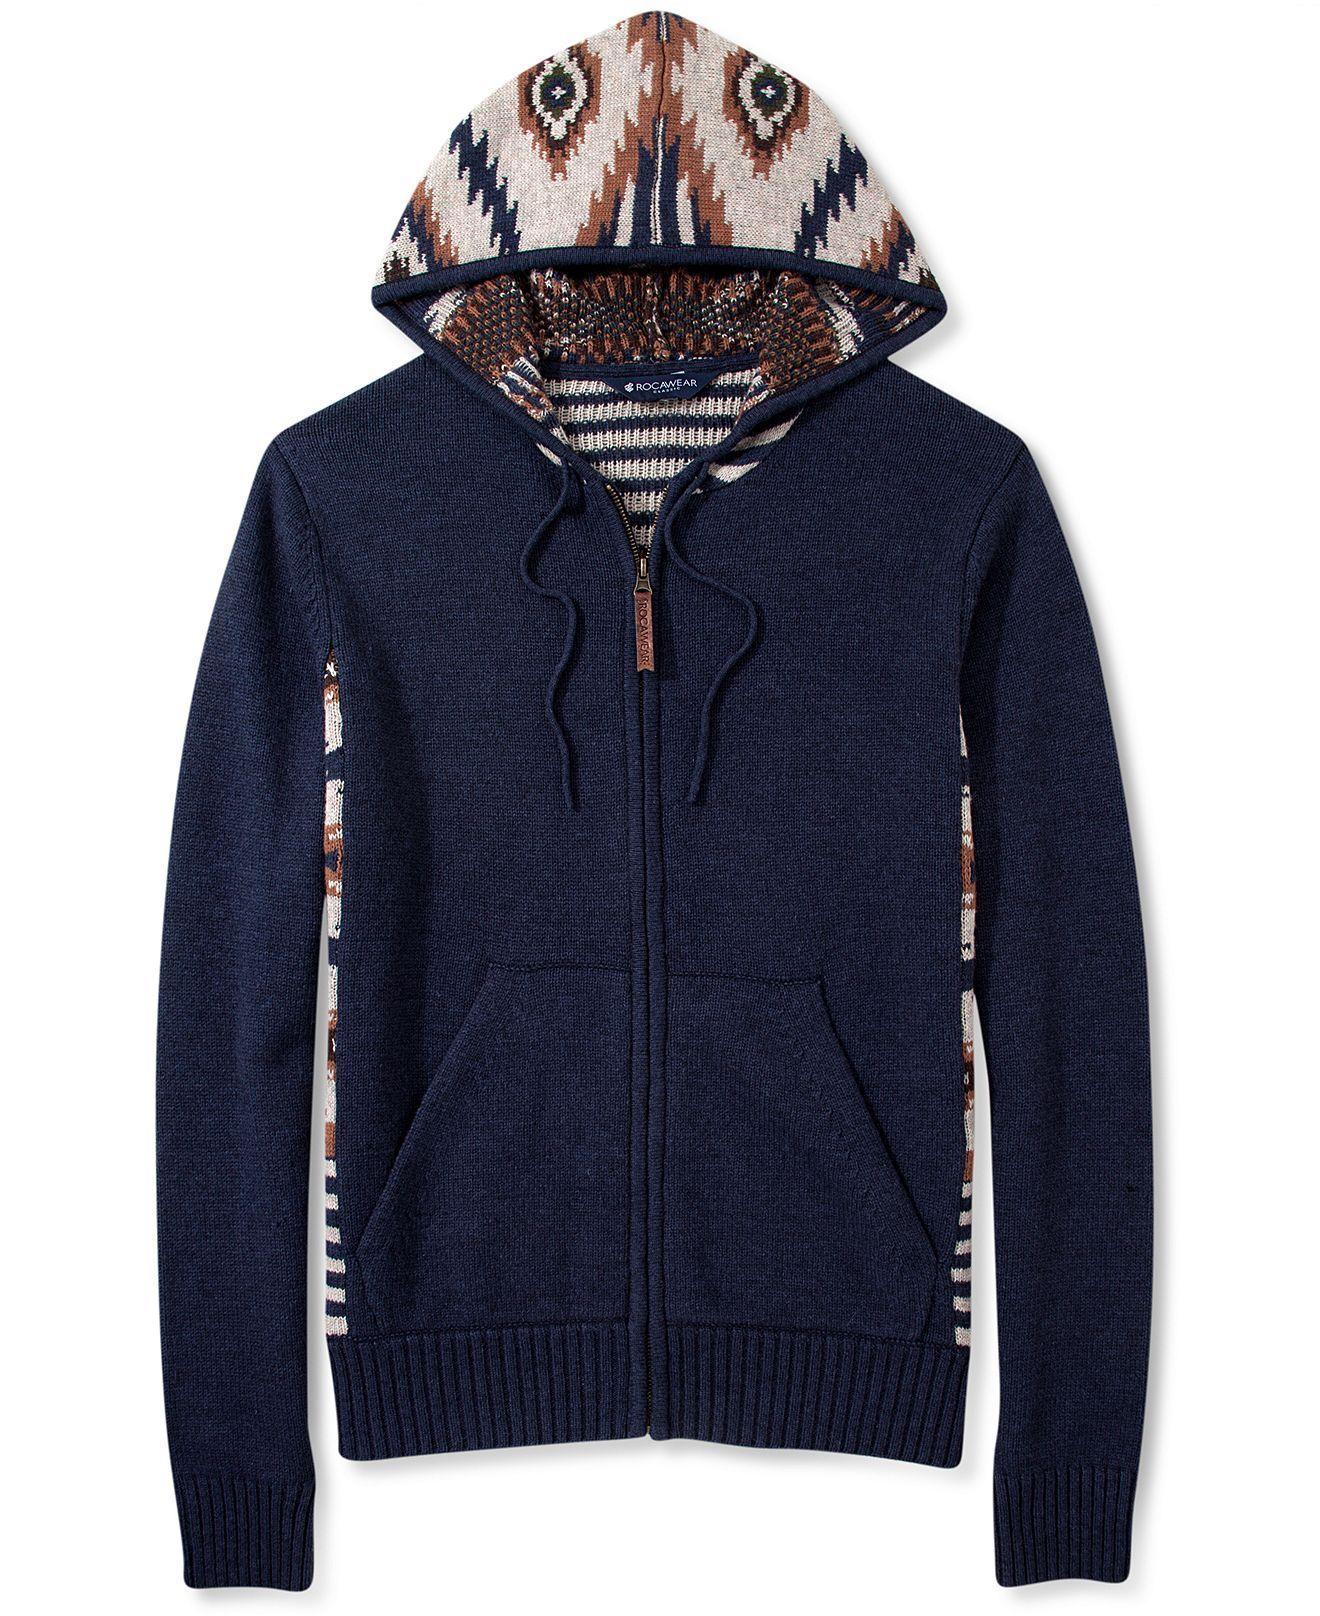 Rocawear Hoodie Tribal Print Sweater Zip - Hoodies